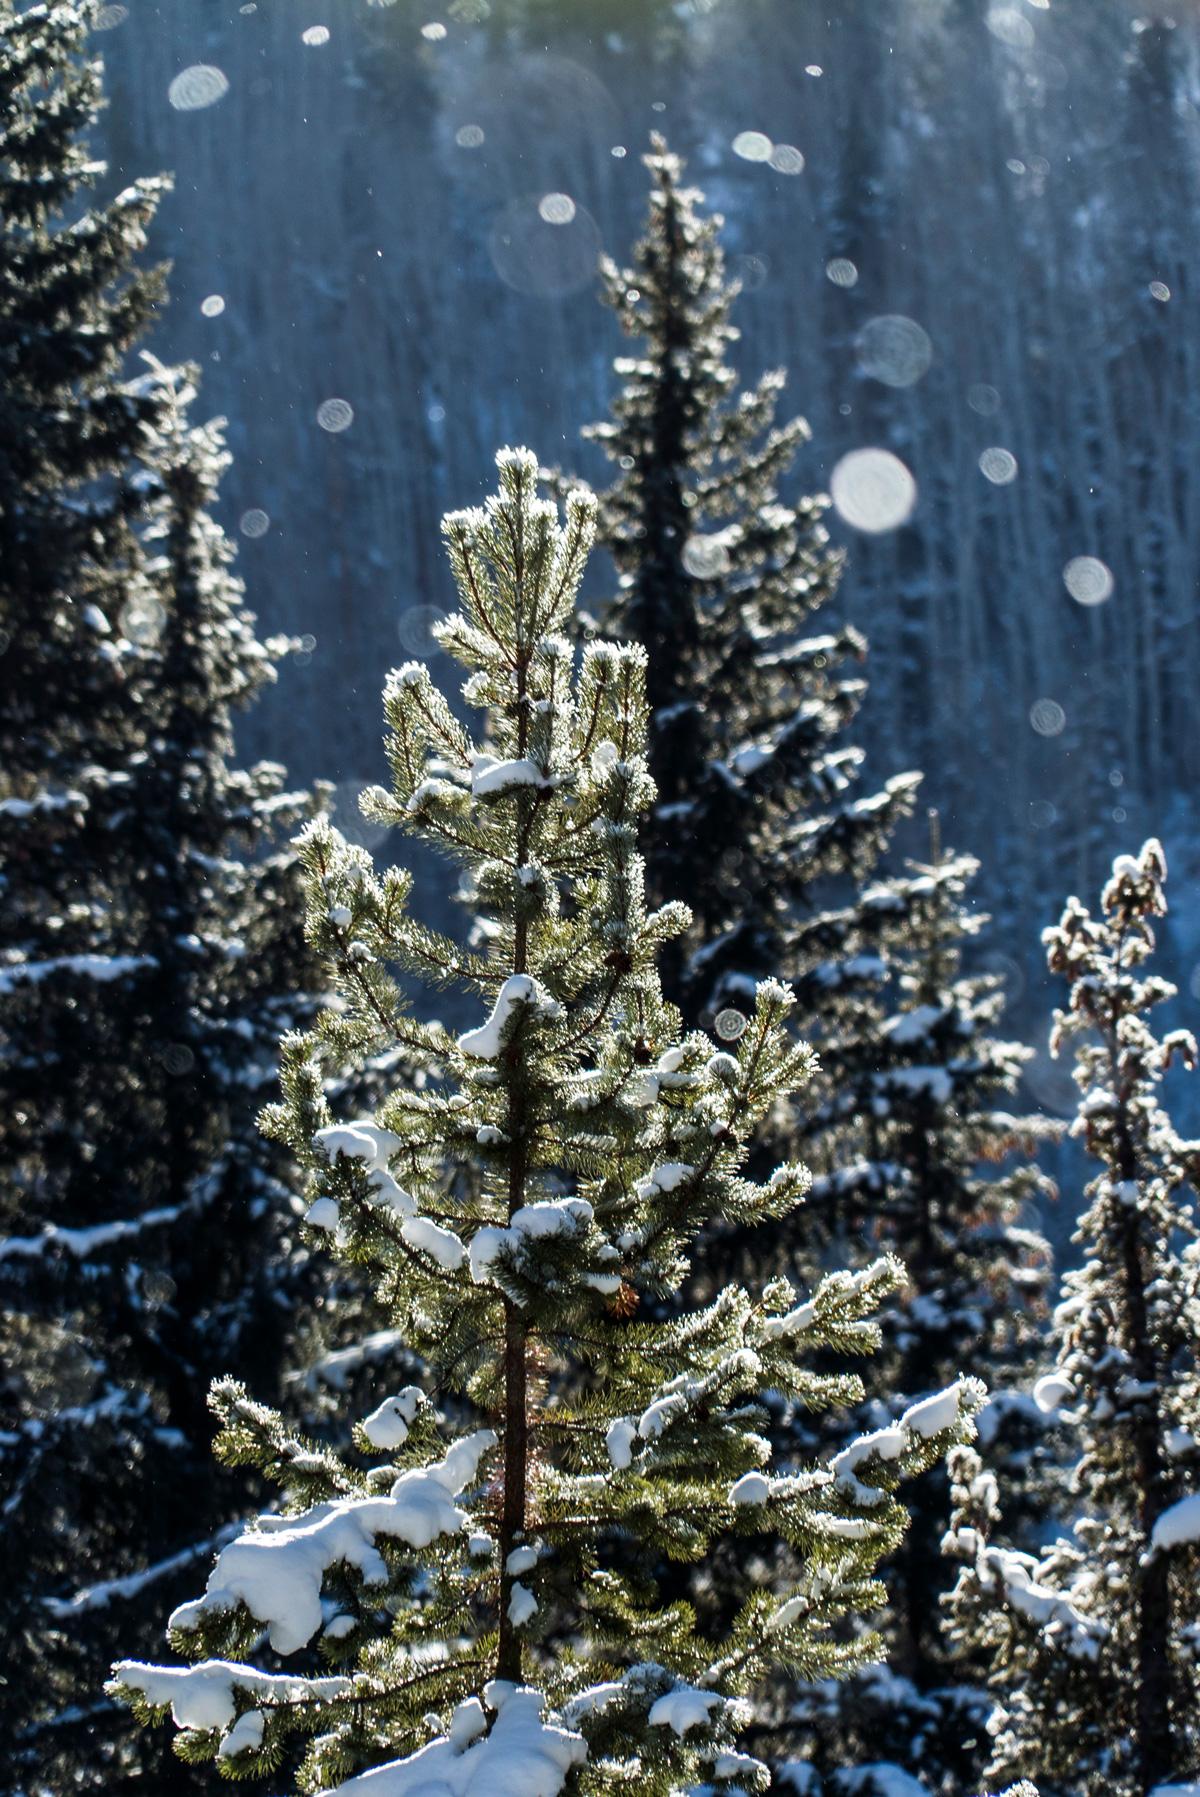 pines_tree_nature_outdoors_snow_winter_christmas.jpg